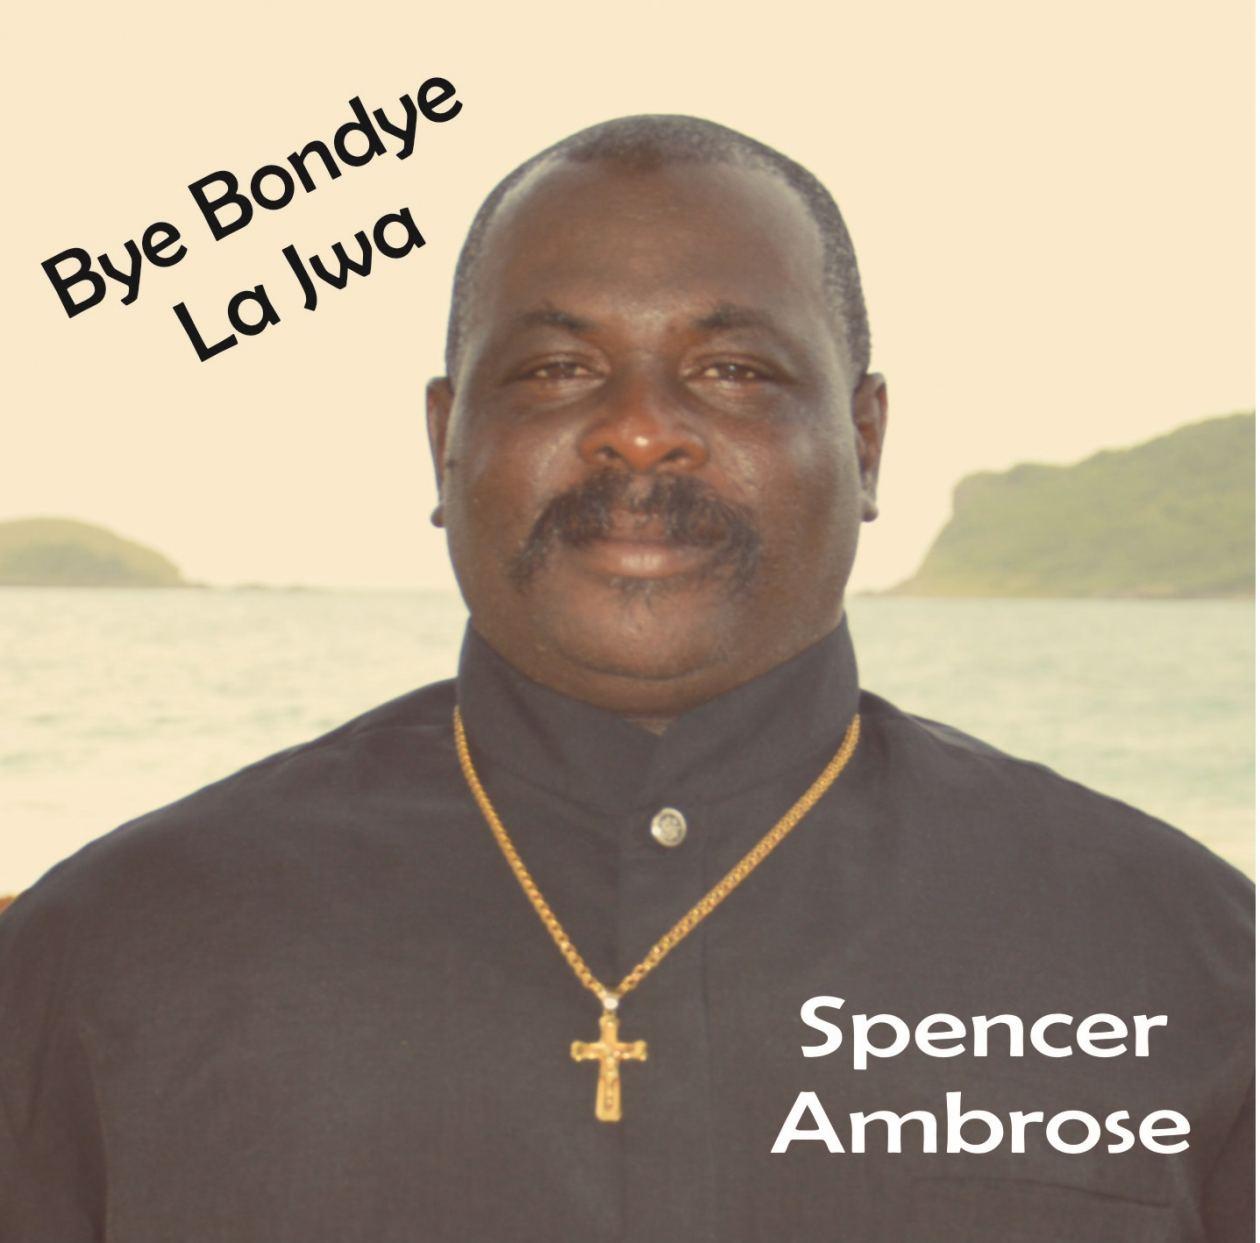 Spencer Ambrose